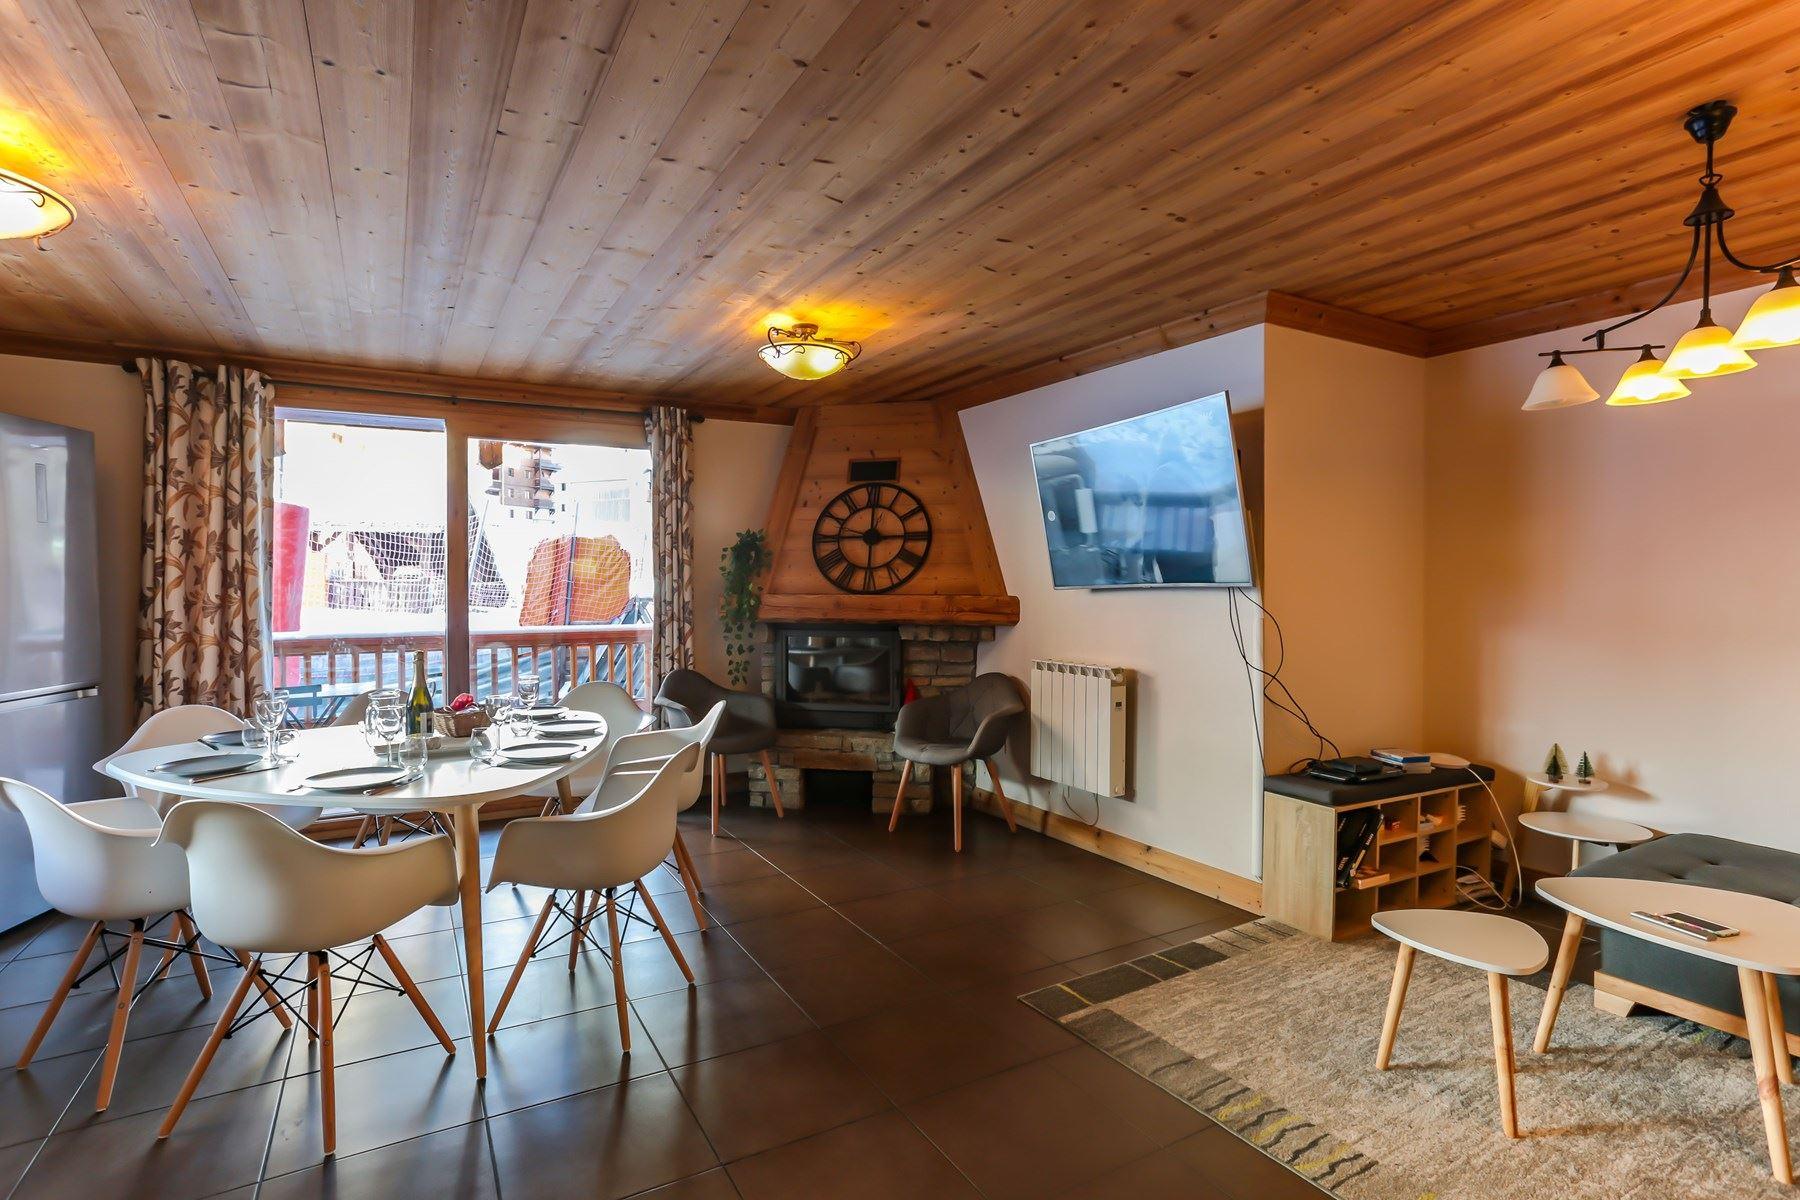 SABOT DE VENUS 04 / APARTMENT 4 ROOMS 6 PERSONS - 5 GOLD SNOWFLAKES - ADA